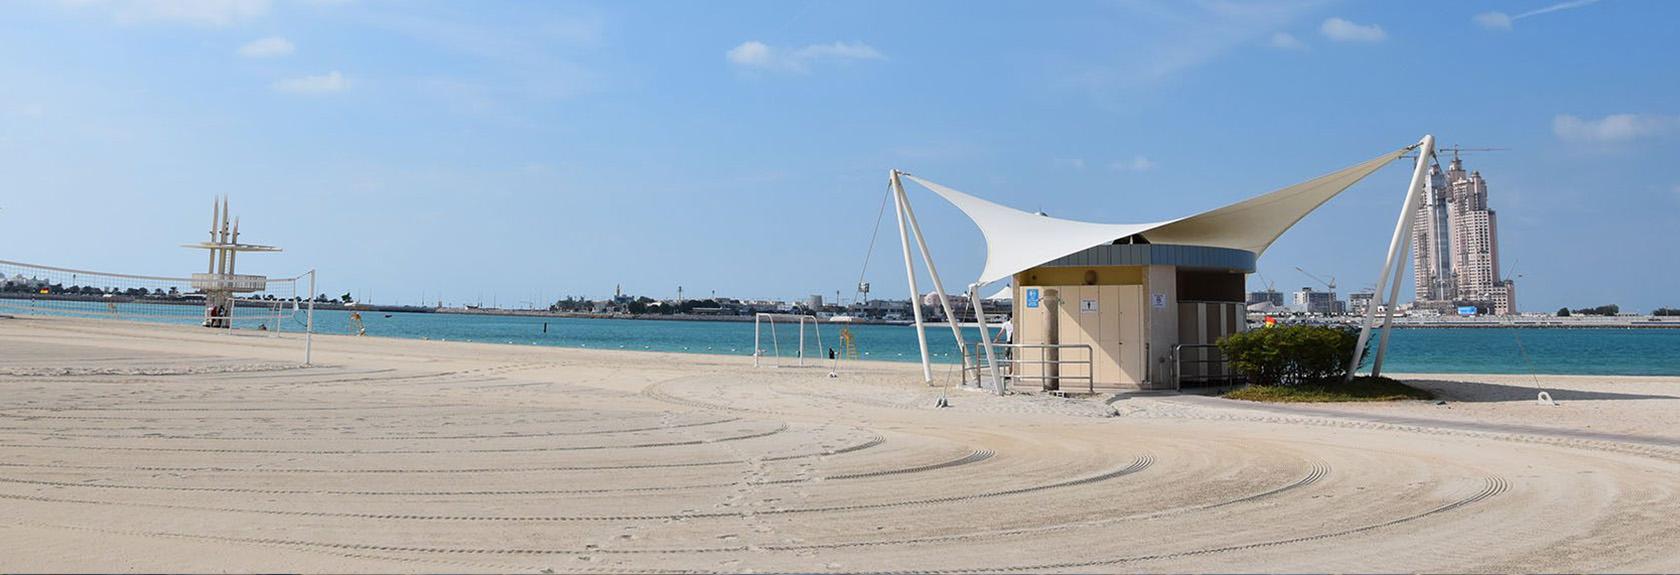 Stranden in Abu Dhabi